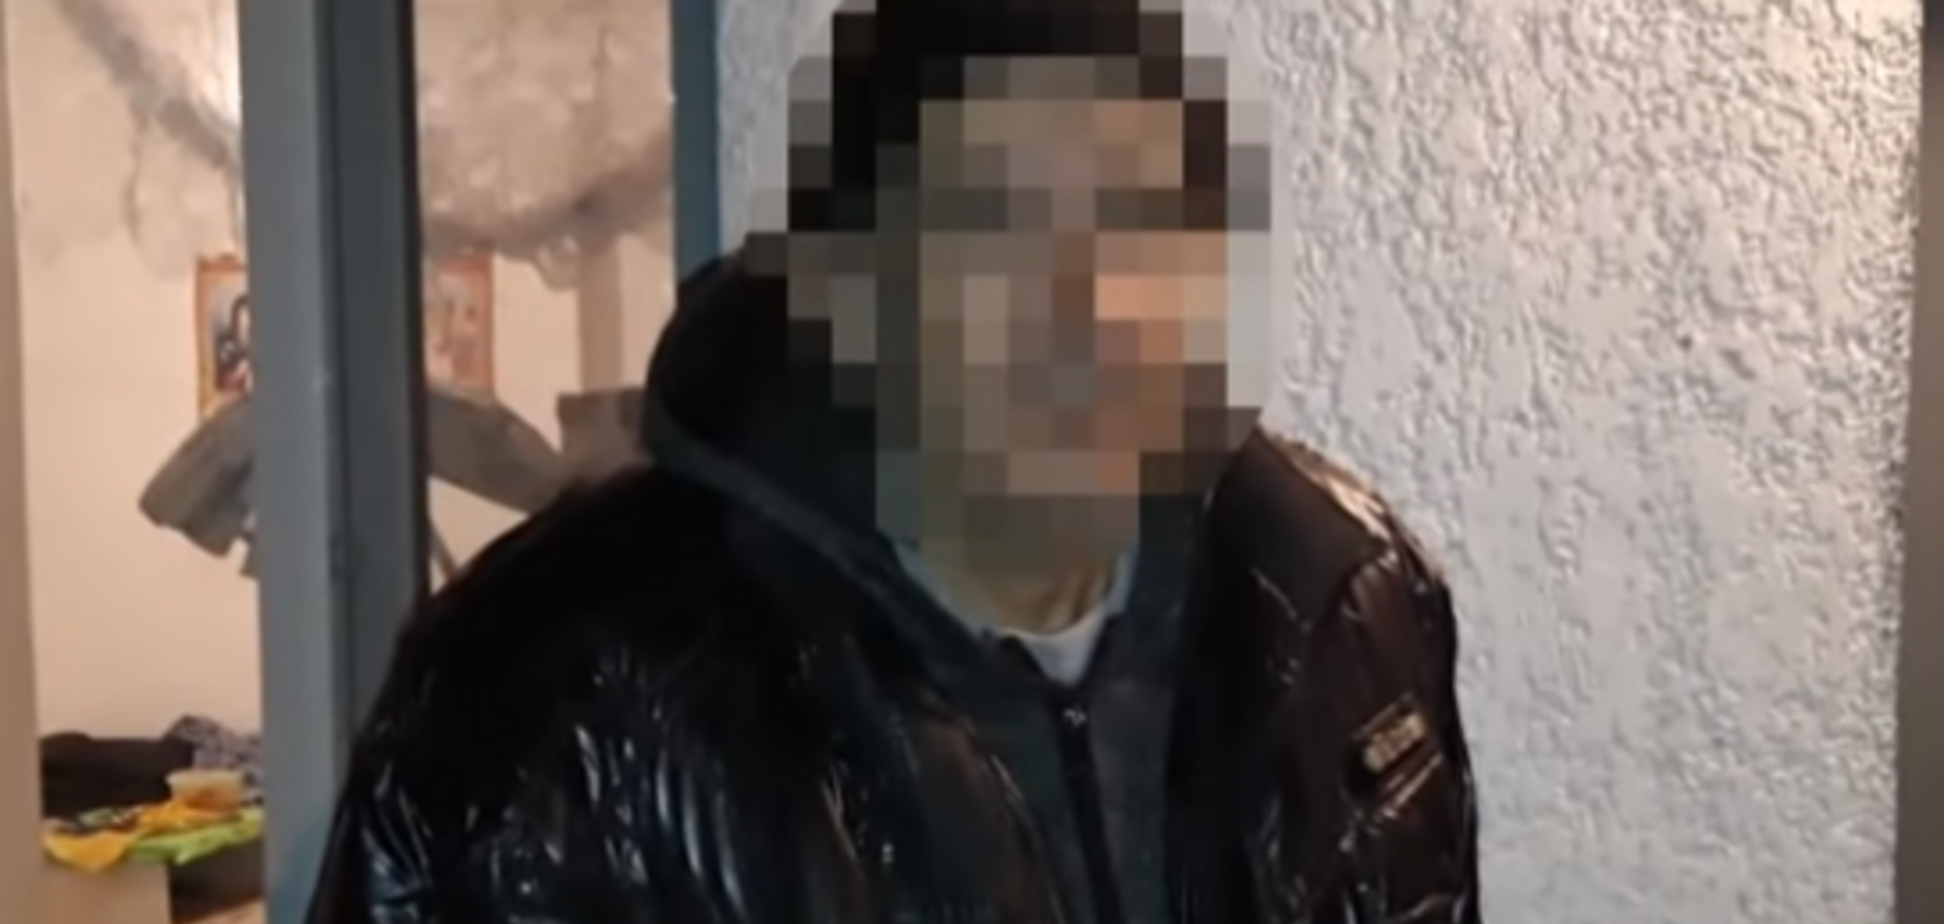 Через гучну музику: на Одещині пацієнт лікарні убив сусіда по палаті